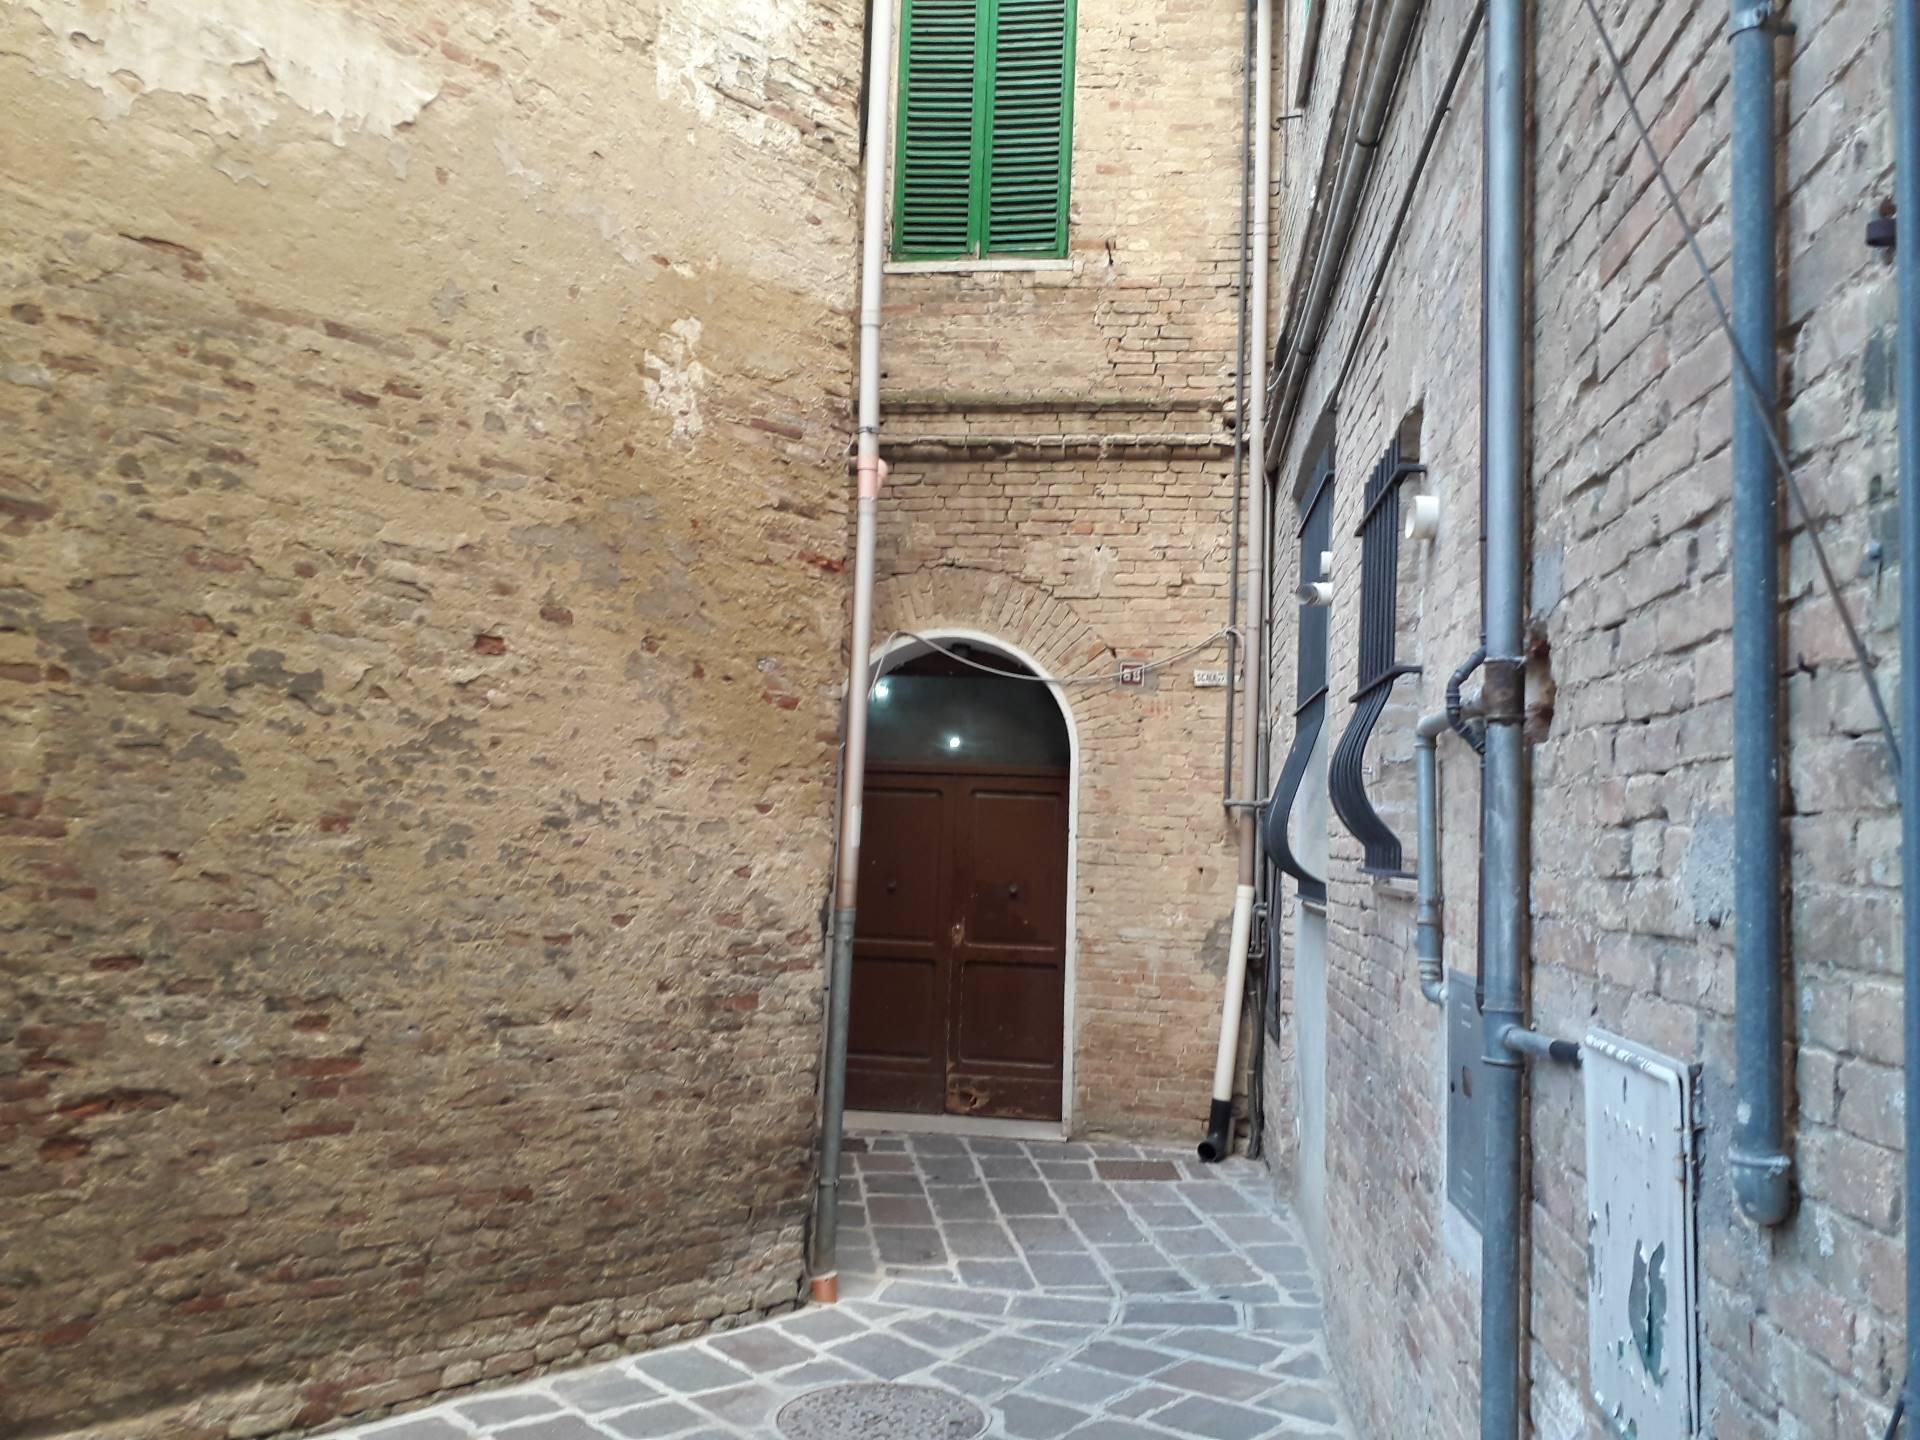 chieti vendita quart: centro storico immobiliare lattanzio e miccoli snc